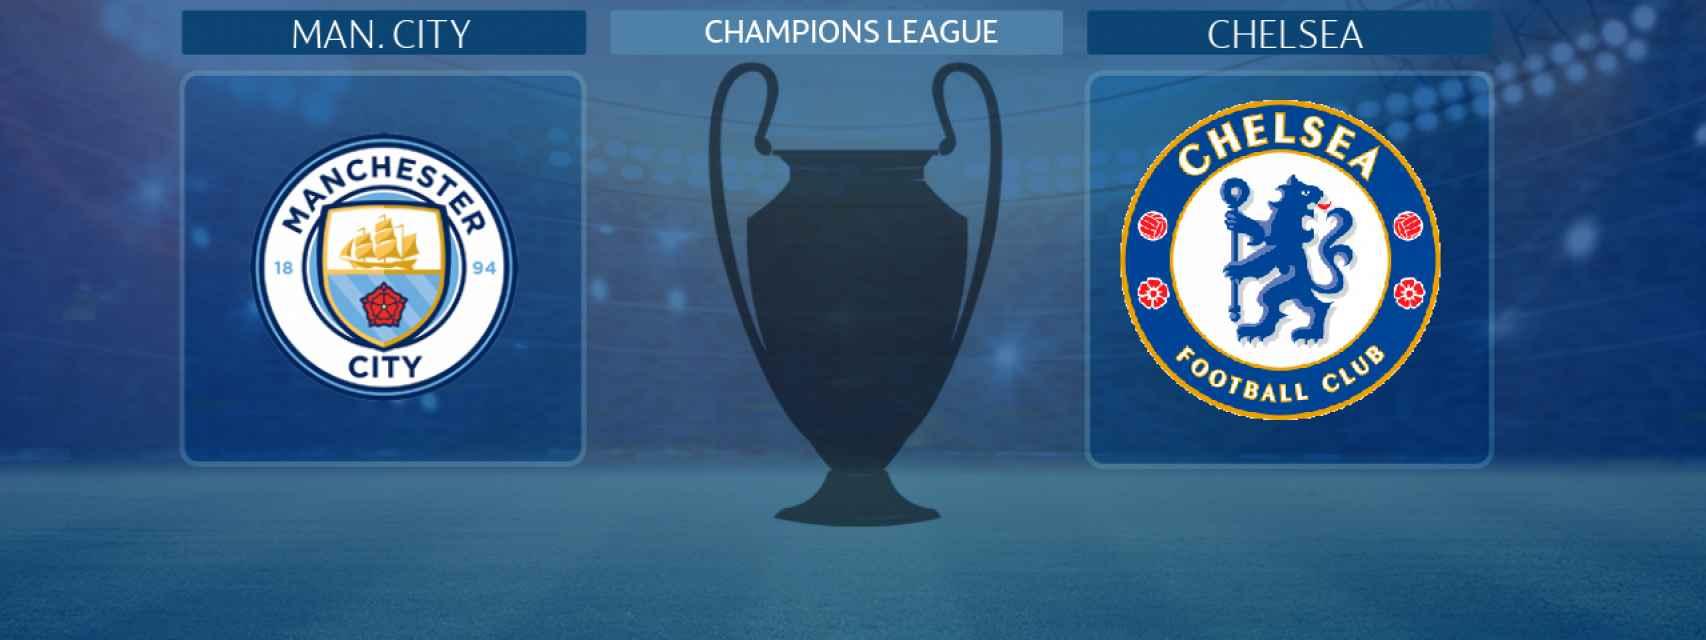 Manchester City - Chelsea, final de la Champions League